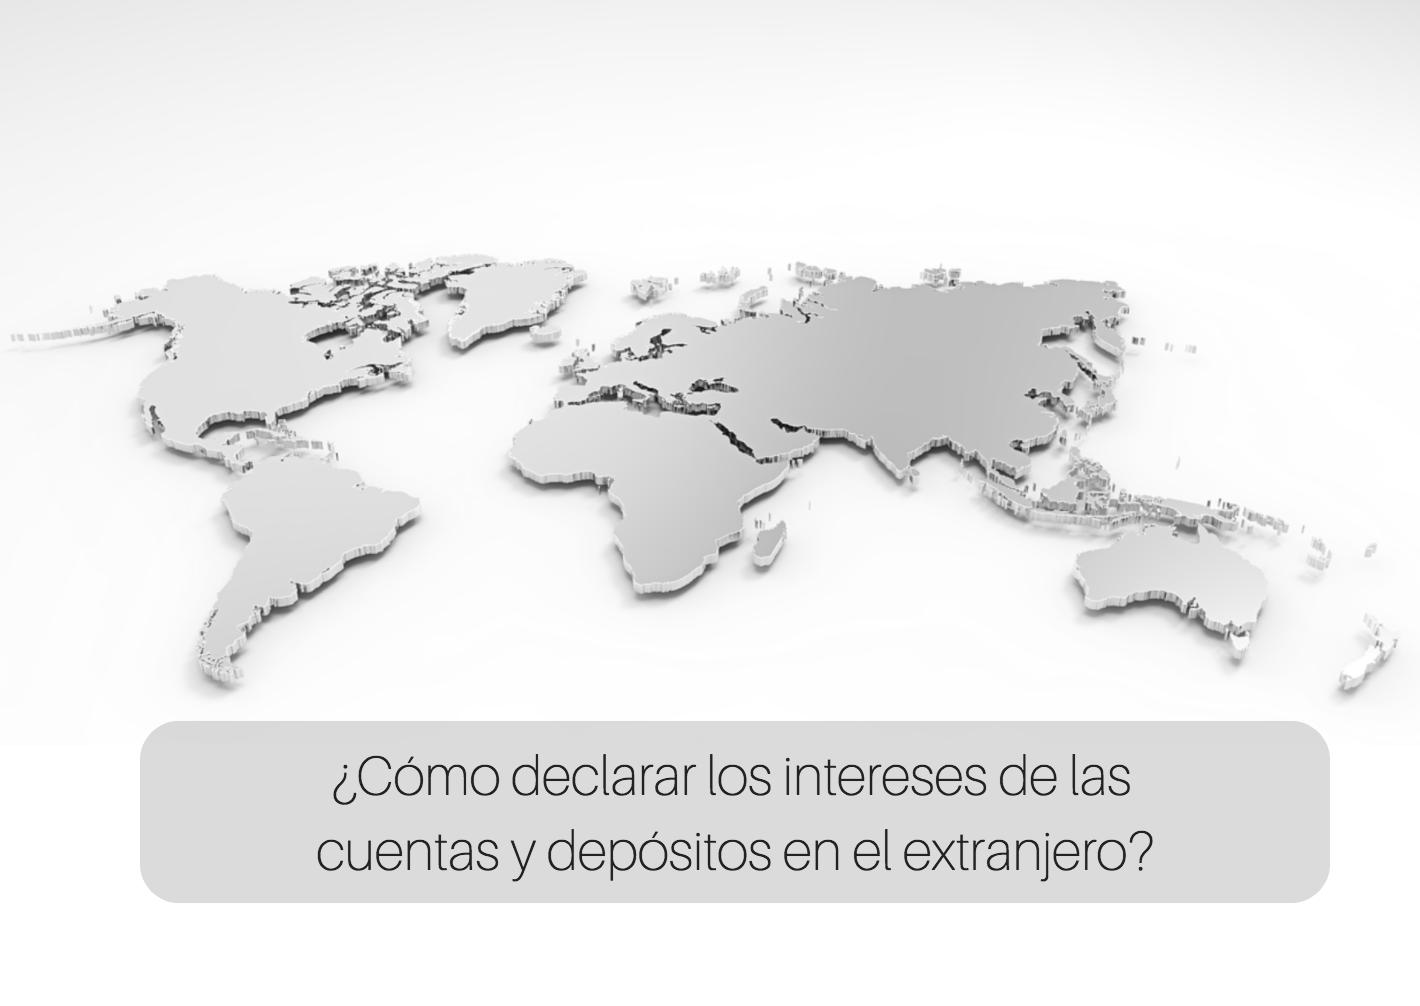 ¿Cómo declarar los intereses de las cuentas y depósitos en el extranjero?